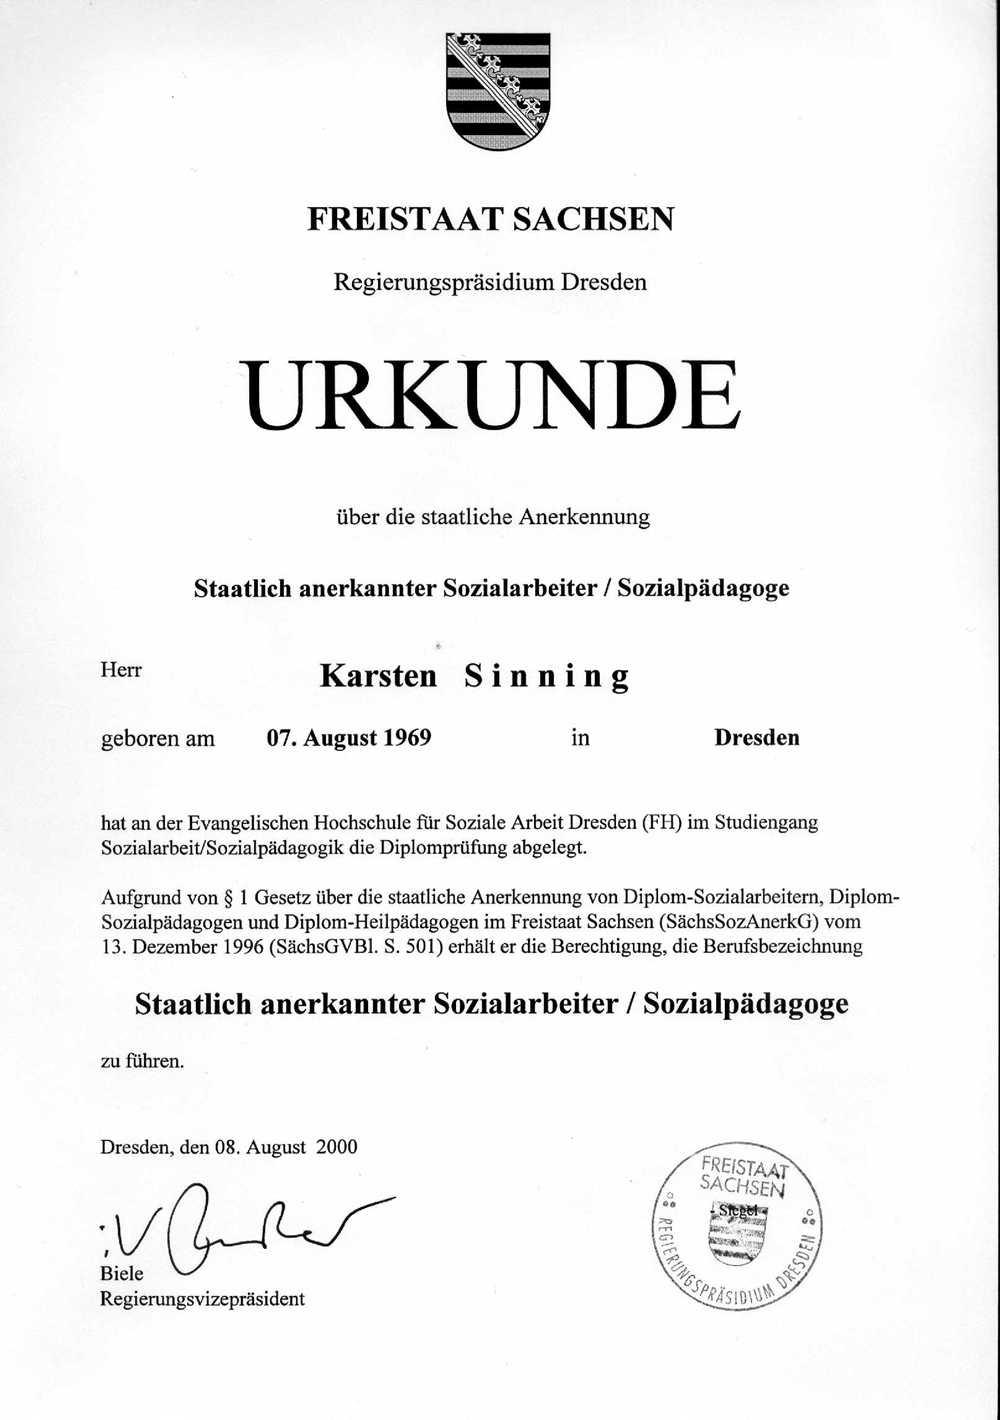 Karsten Sinning